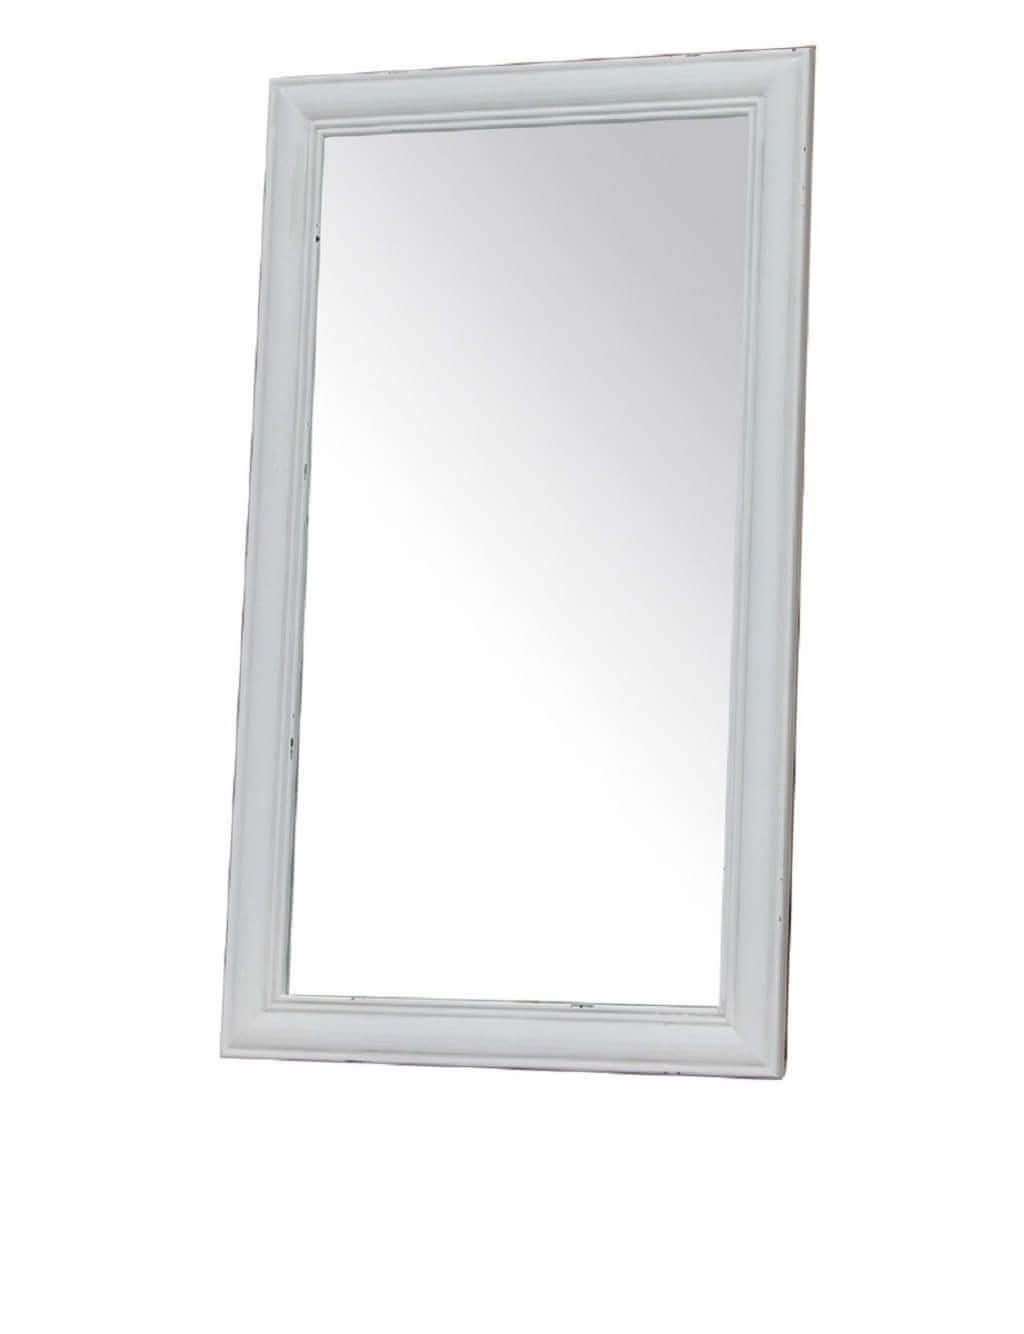 Milani Home specchio in legno di paulownia shabby chic 50 x 85